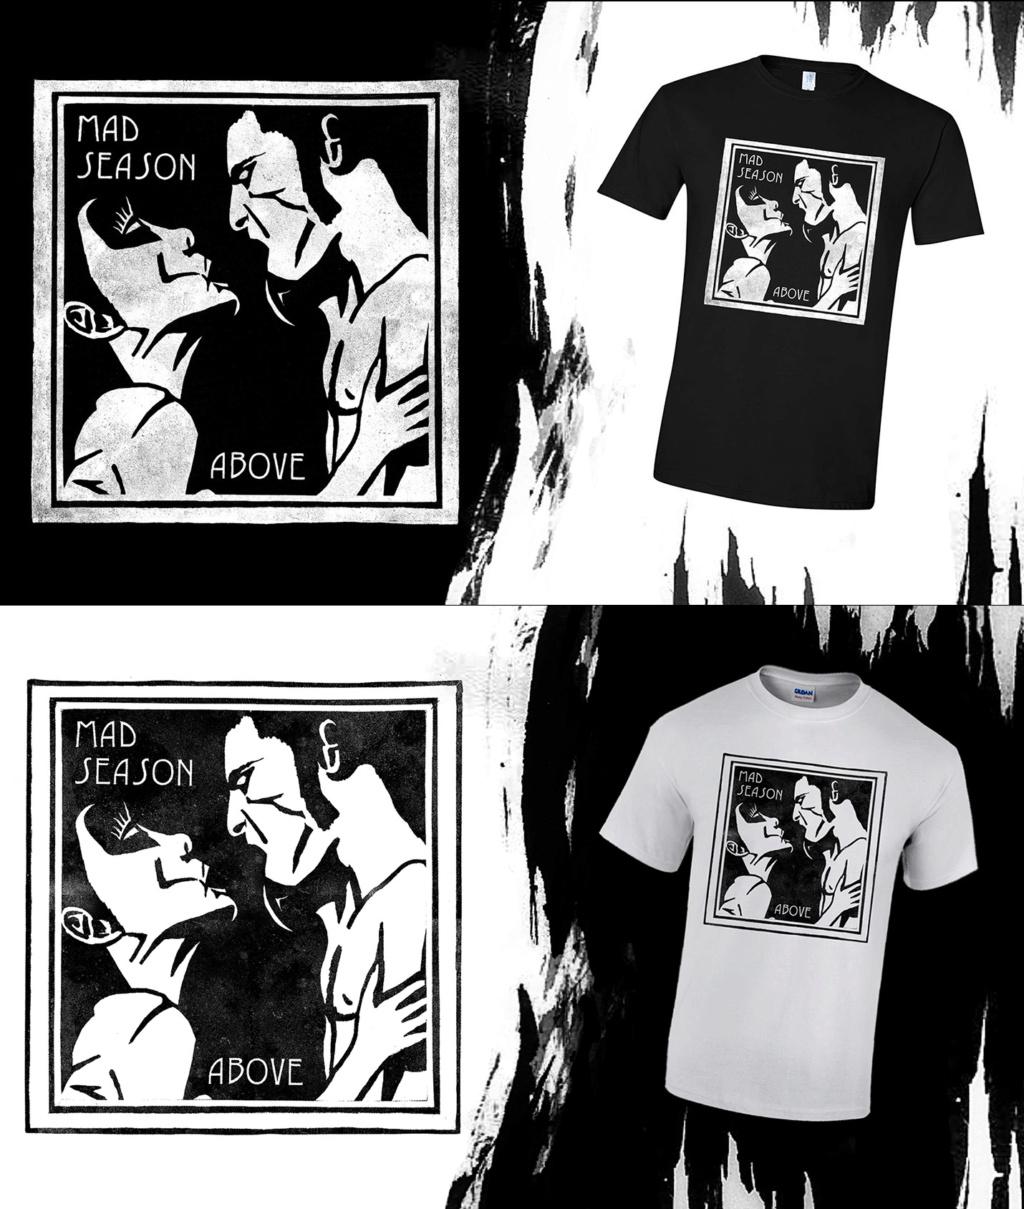 No Maniac  pero Maniac ( camisetas personalizadas y otras cosas) Catálogo en primer post - Página 8 Mada_s10